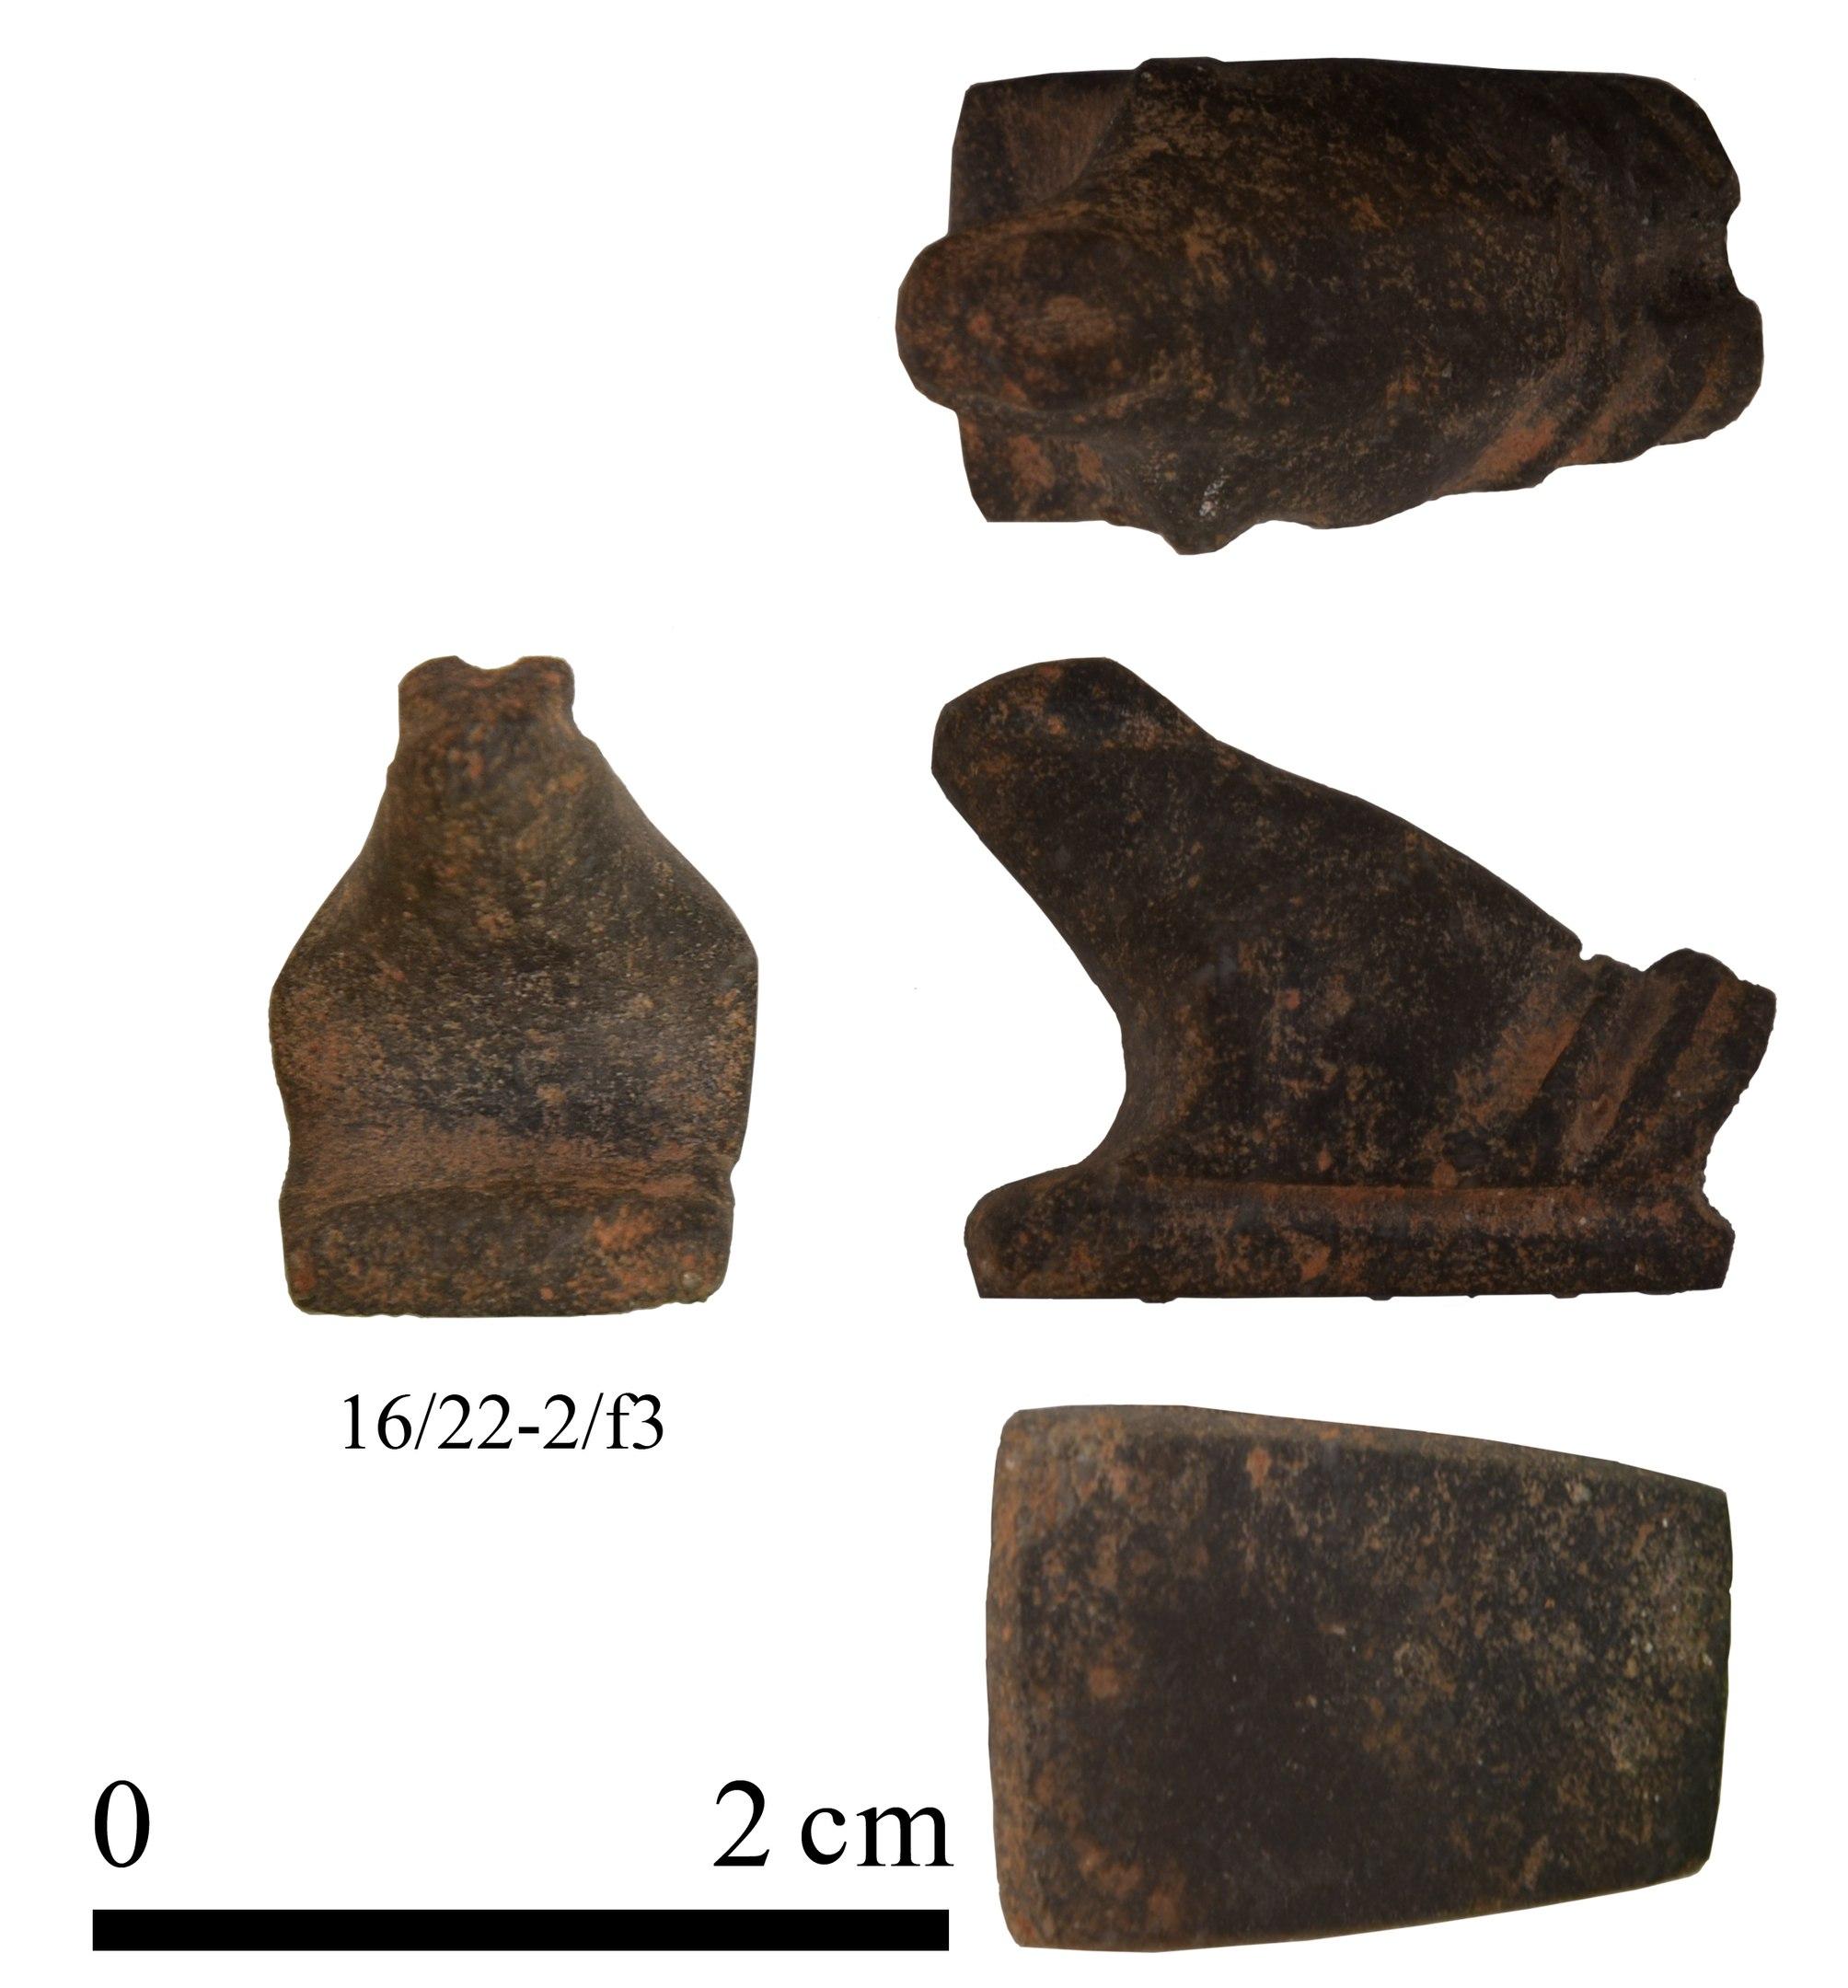 археология rupublichistory